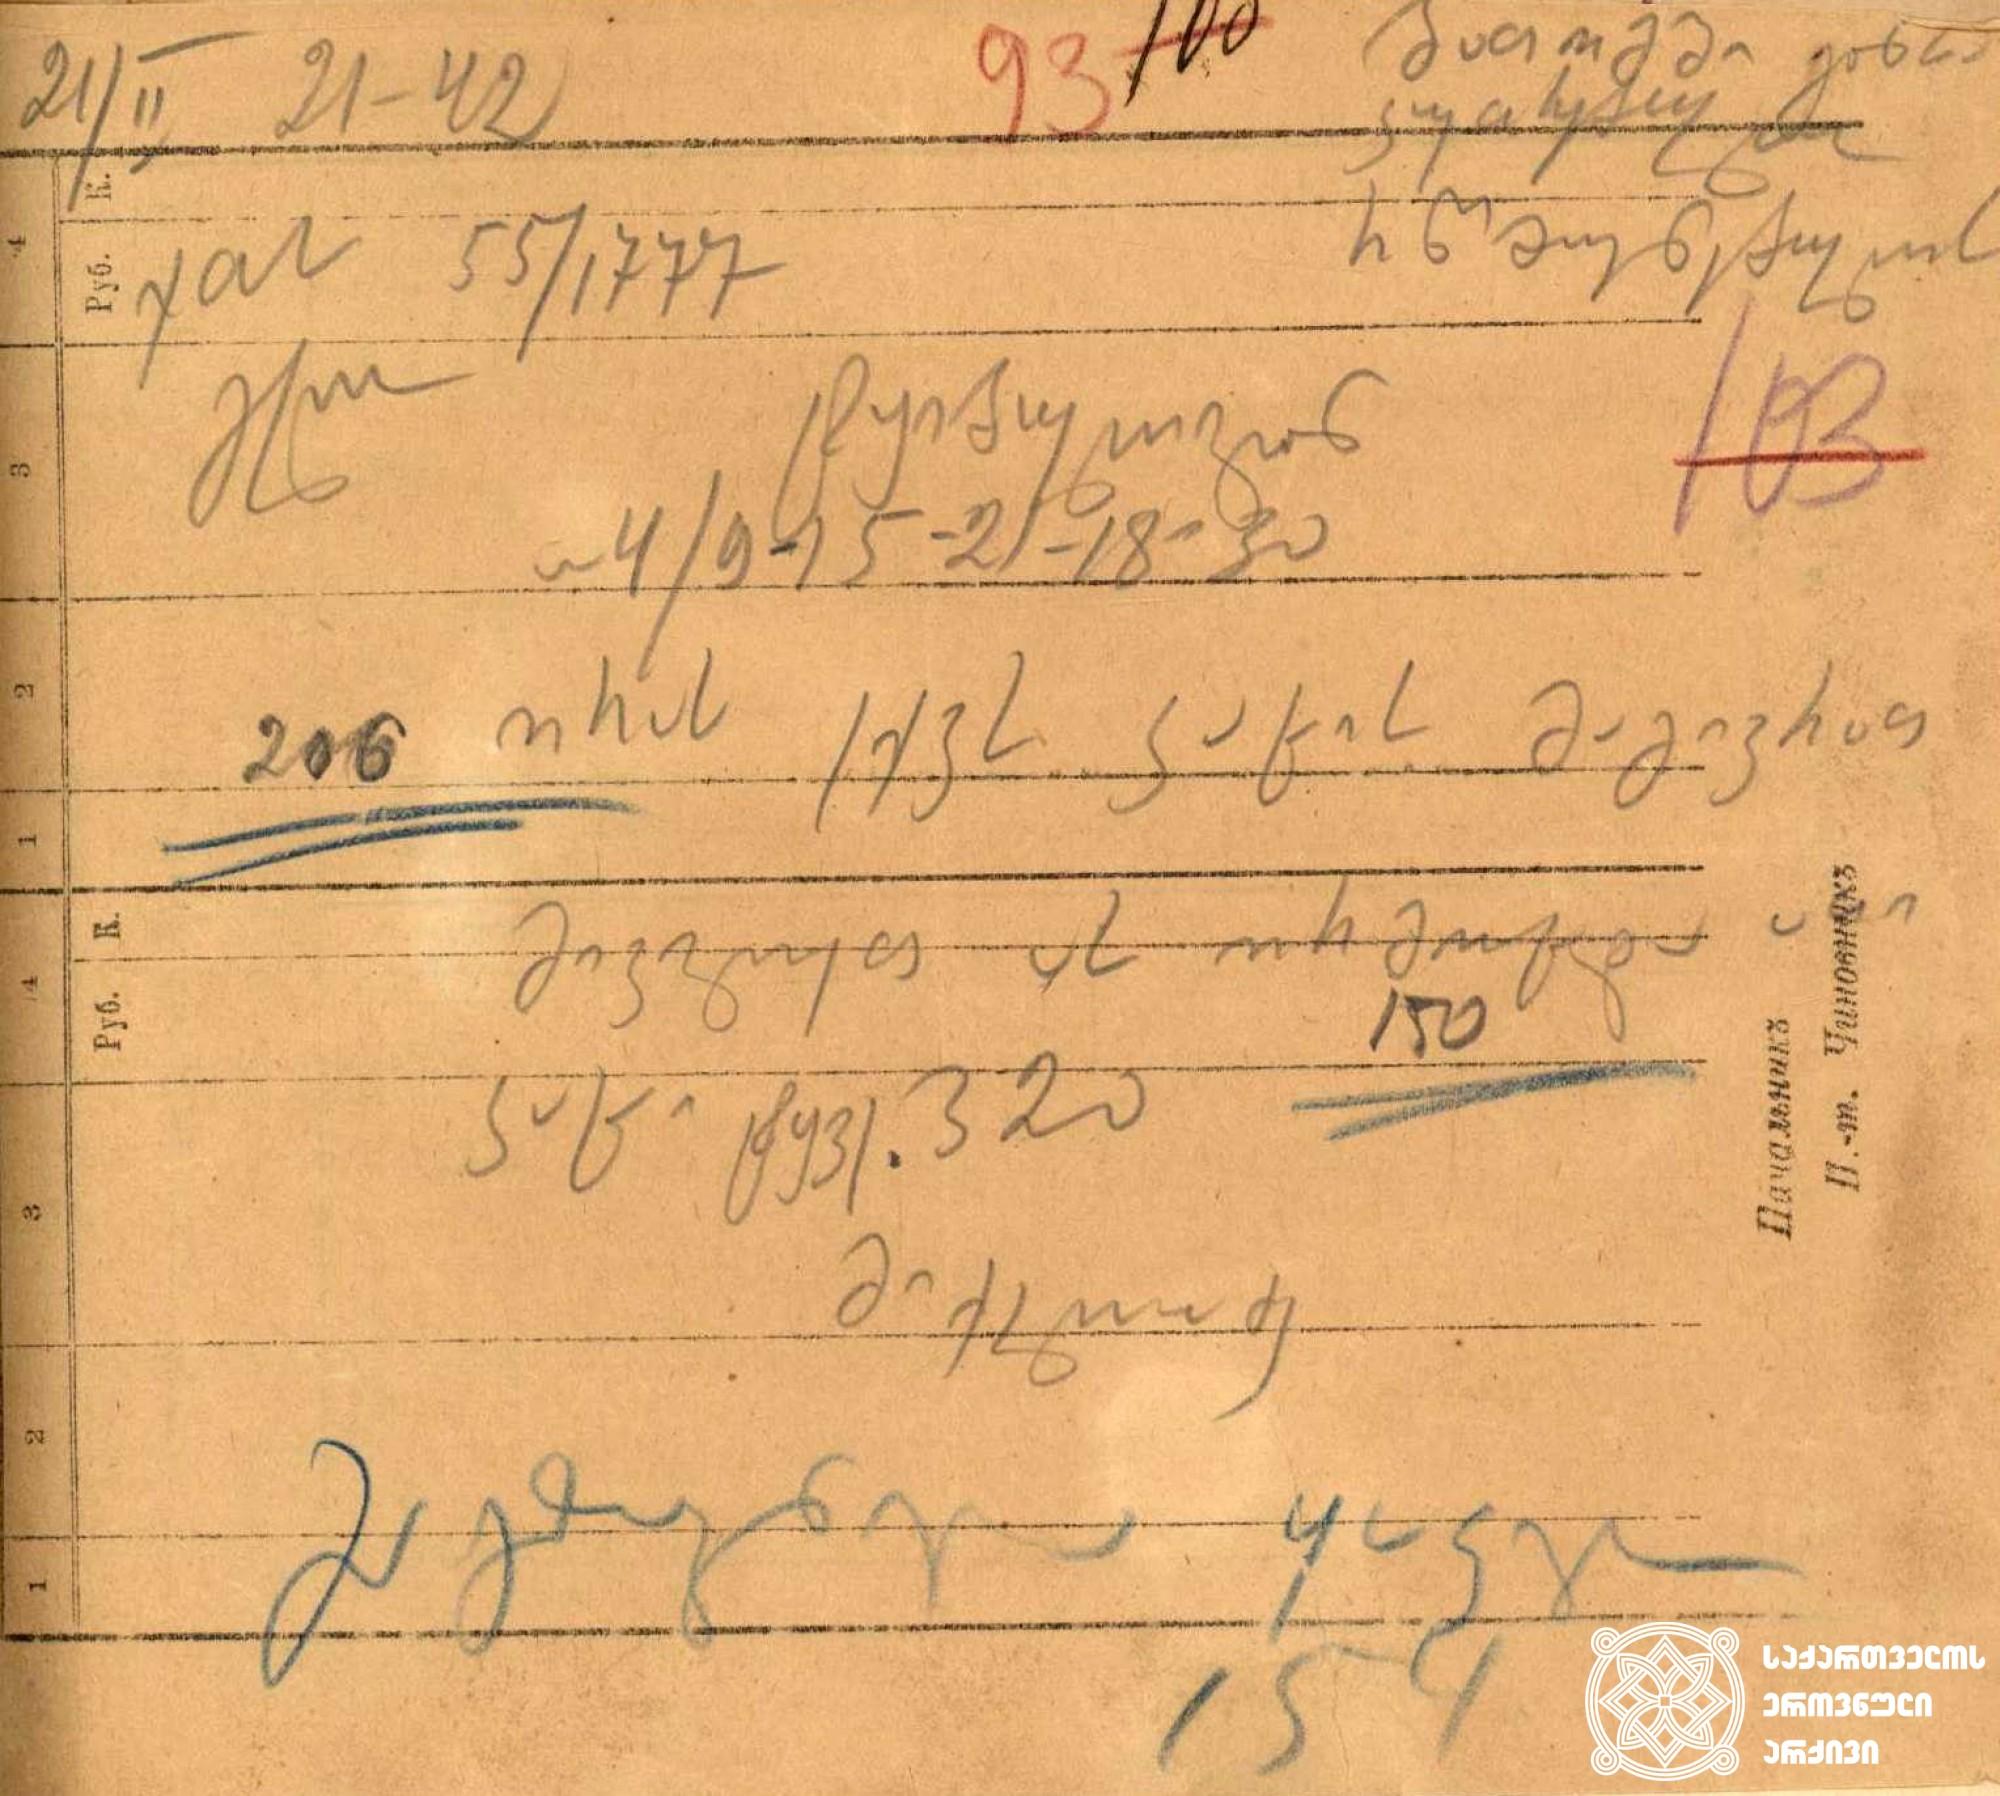 ტელეფონოგრამა ომში ტყვედ აყვანილი რუსი ჯარისკაცების ერთი ნაკადის ტყიბულში მიღების შესახებ. <br> 1921 წლის თებერვლის მეორე ნახევარი. <br> A telegram about receiving one stream of the Russian soldiers in Tkibuli, captivatedduring the war. <br> The second half of February 1921.